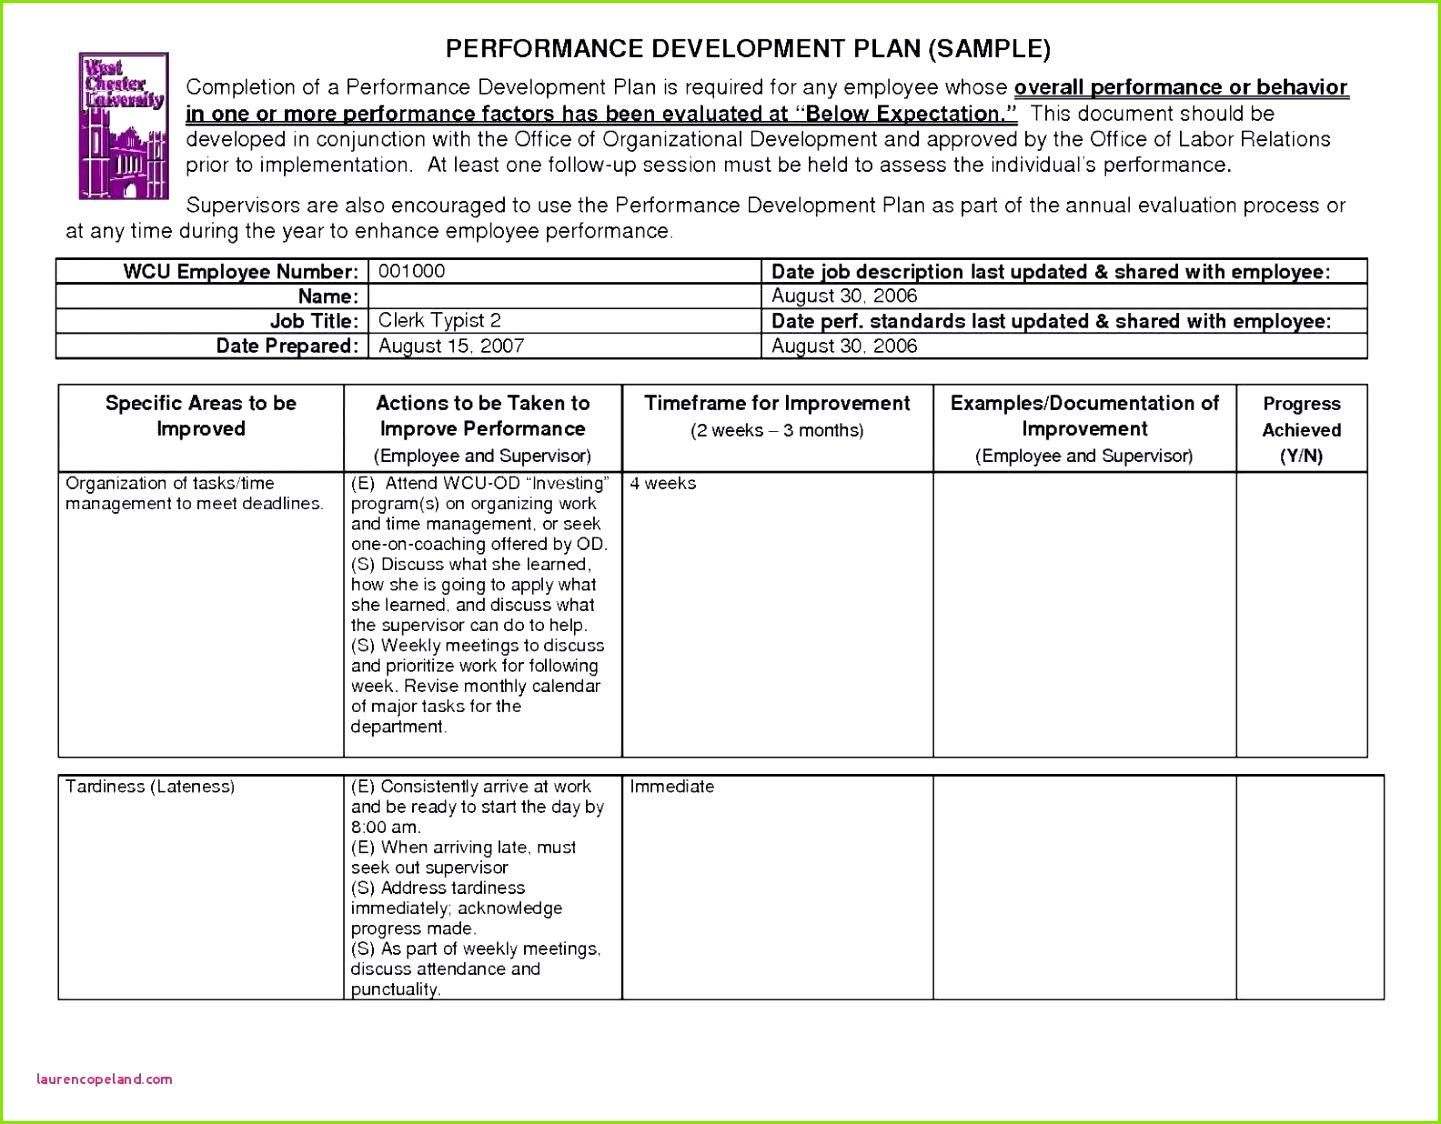 Lerngruppe Steuer Vorlage Muster Fragebogen Mitarbeiterzufriedenheit Modell 15 Fragebogen